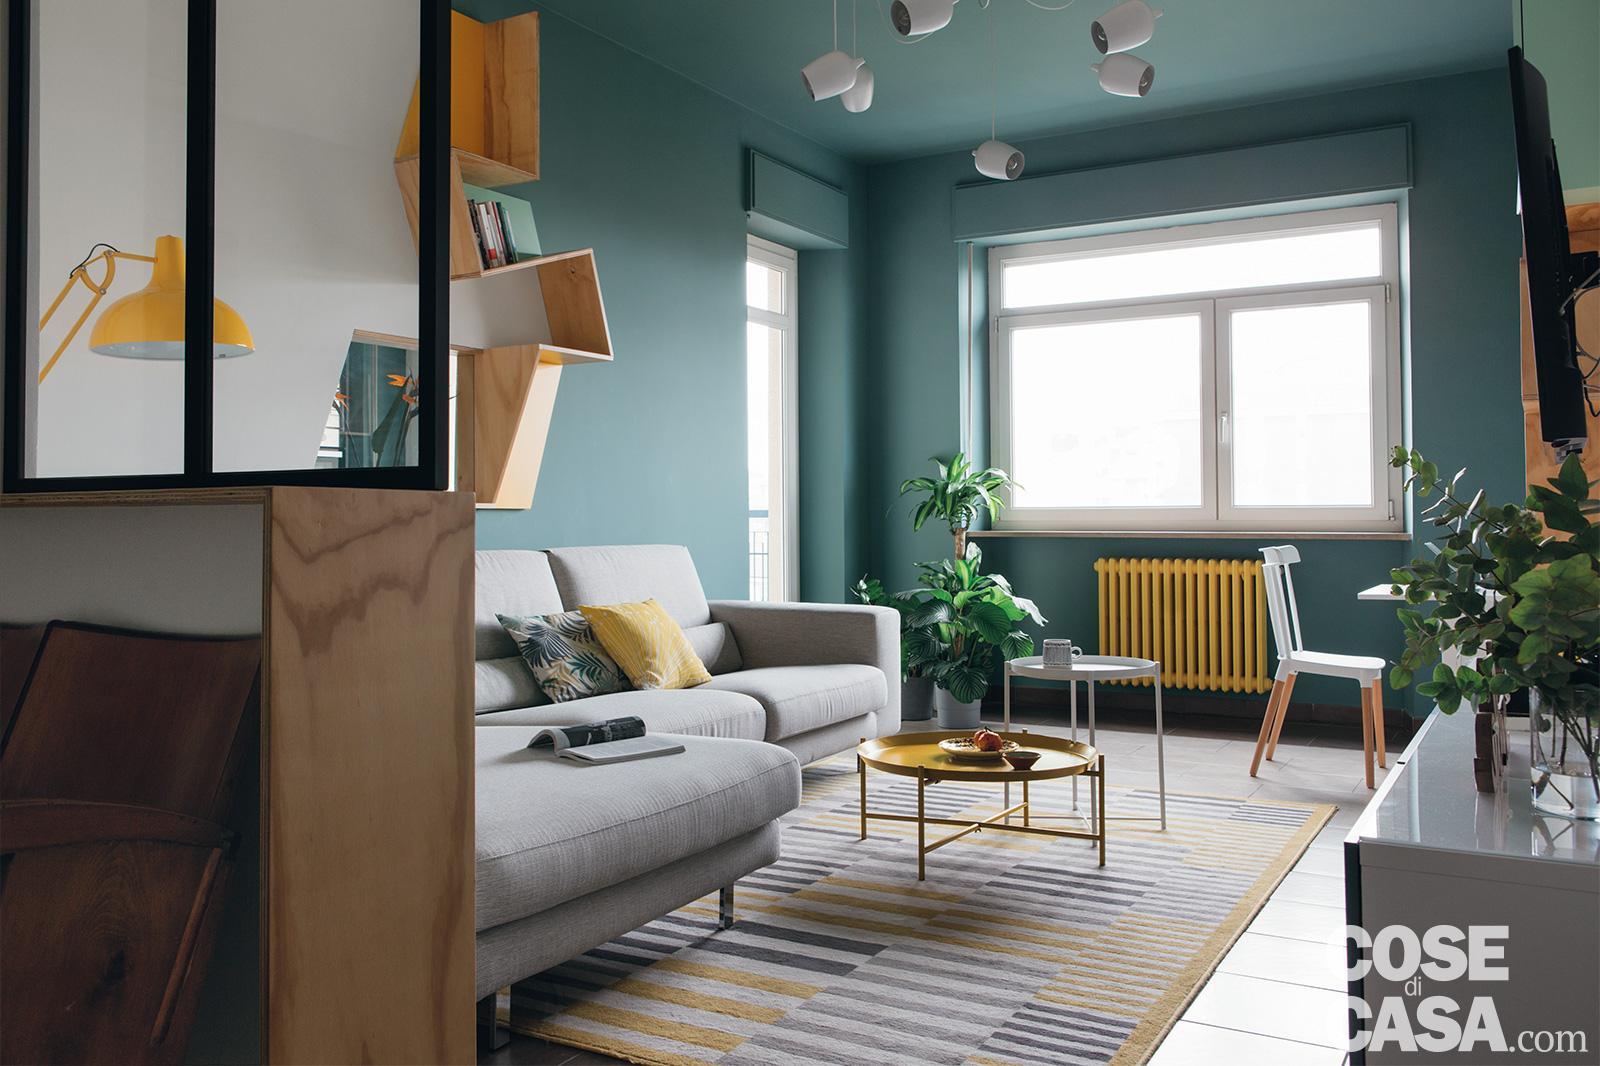 Bilocale Rinnovato 65 Mq Con Nuove Geometrie A Colori Cose Di Casa